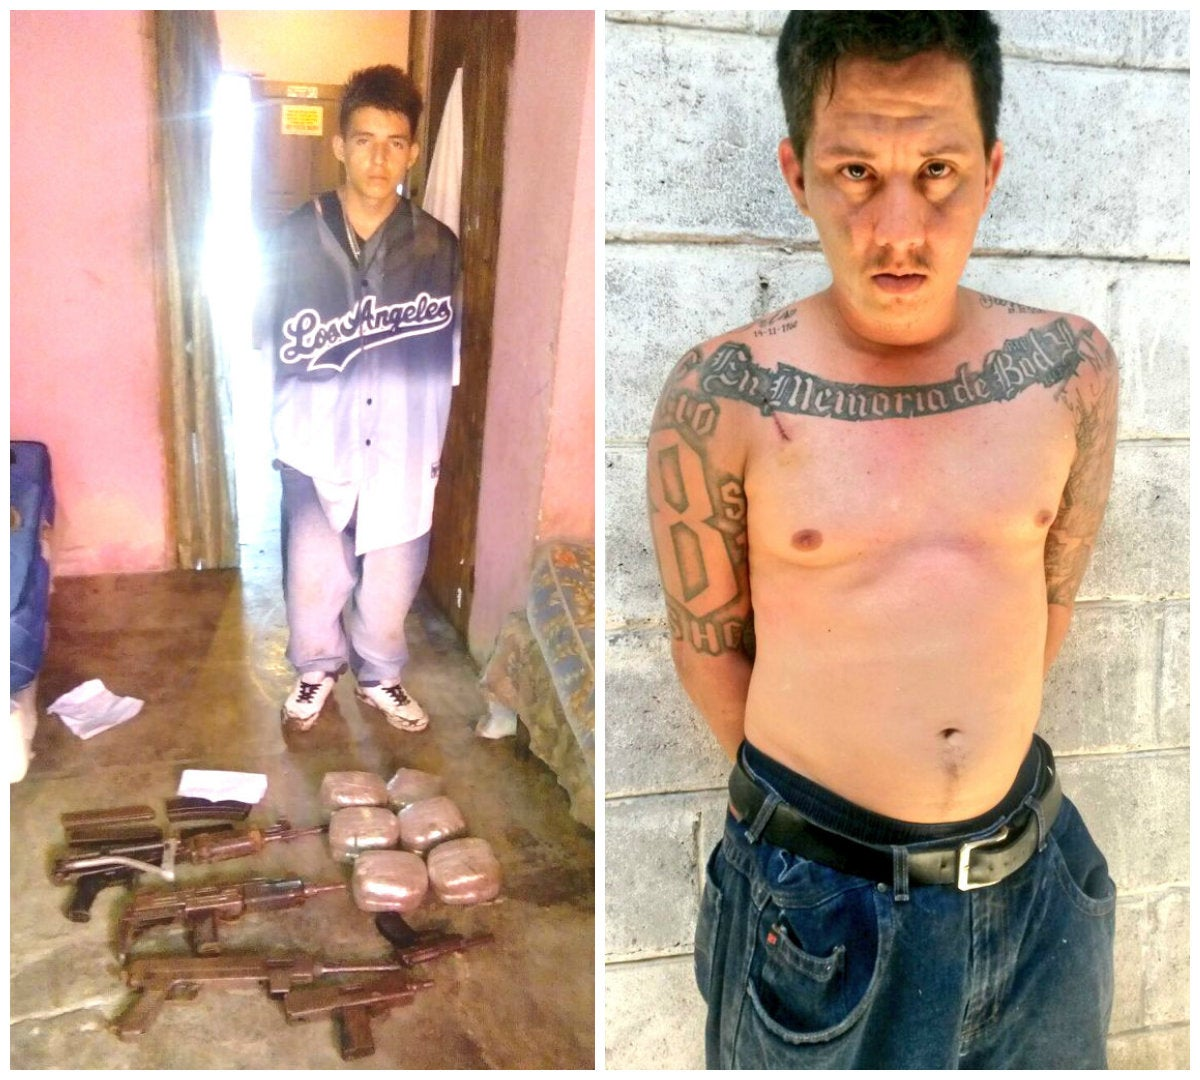 """Izquierda: el primer detenido y los decomisos. Derecha: el supuesto """"toro"""" de la Pandilla 18. Ambos supuestos miembros de la misma organización delictiva."""